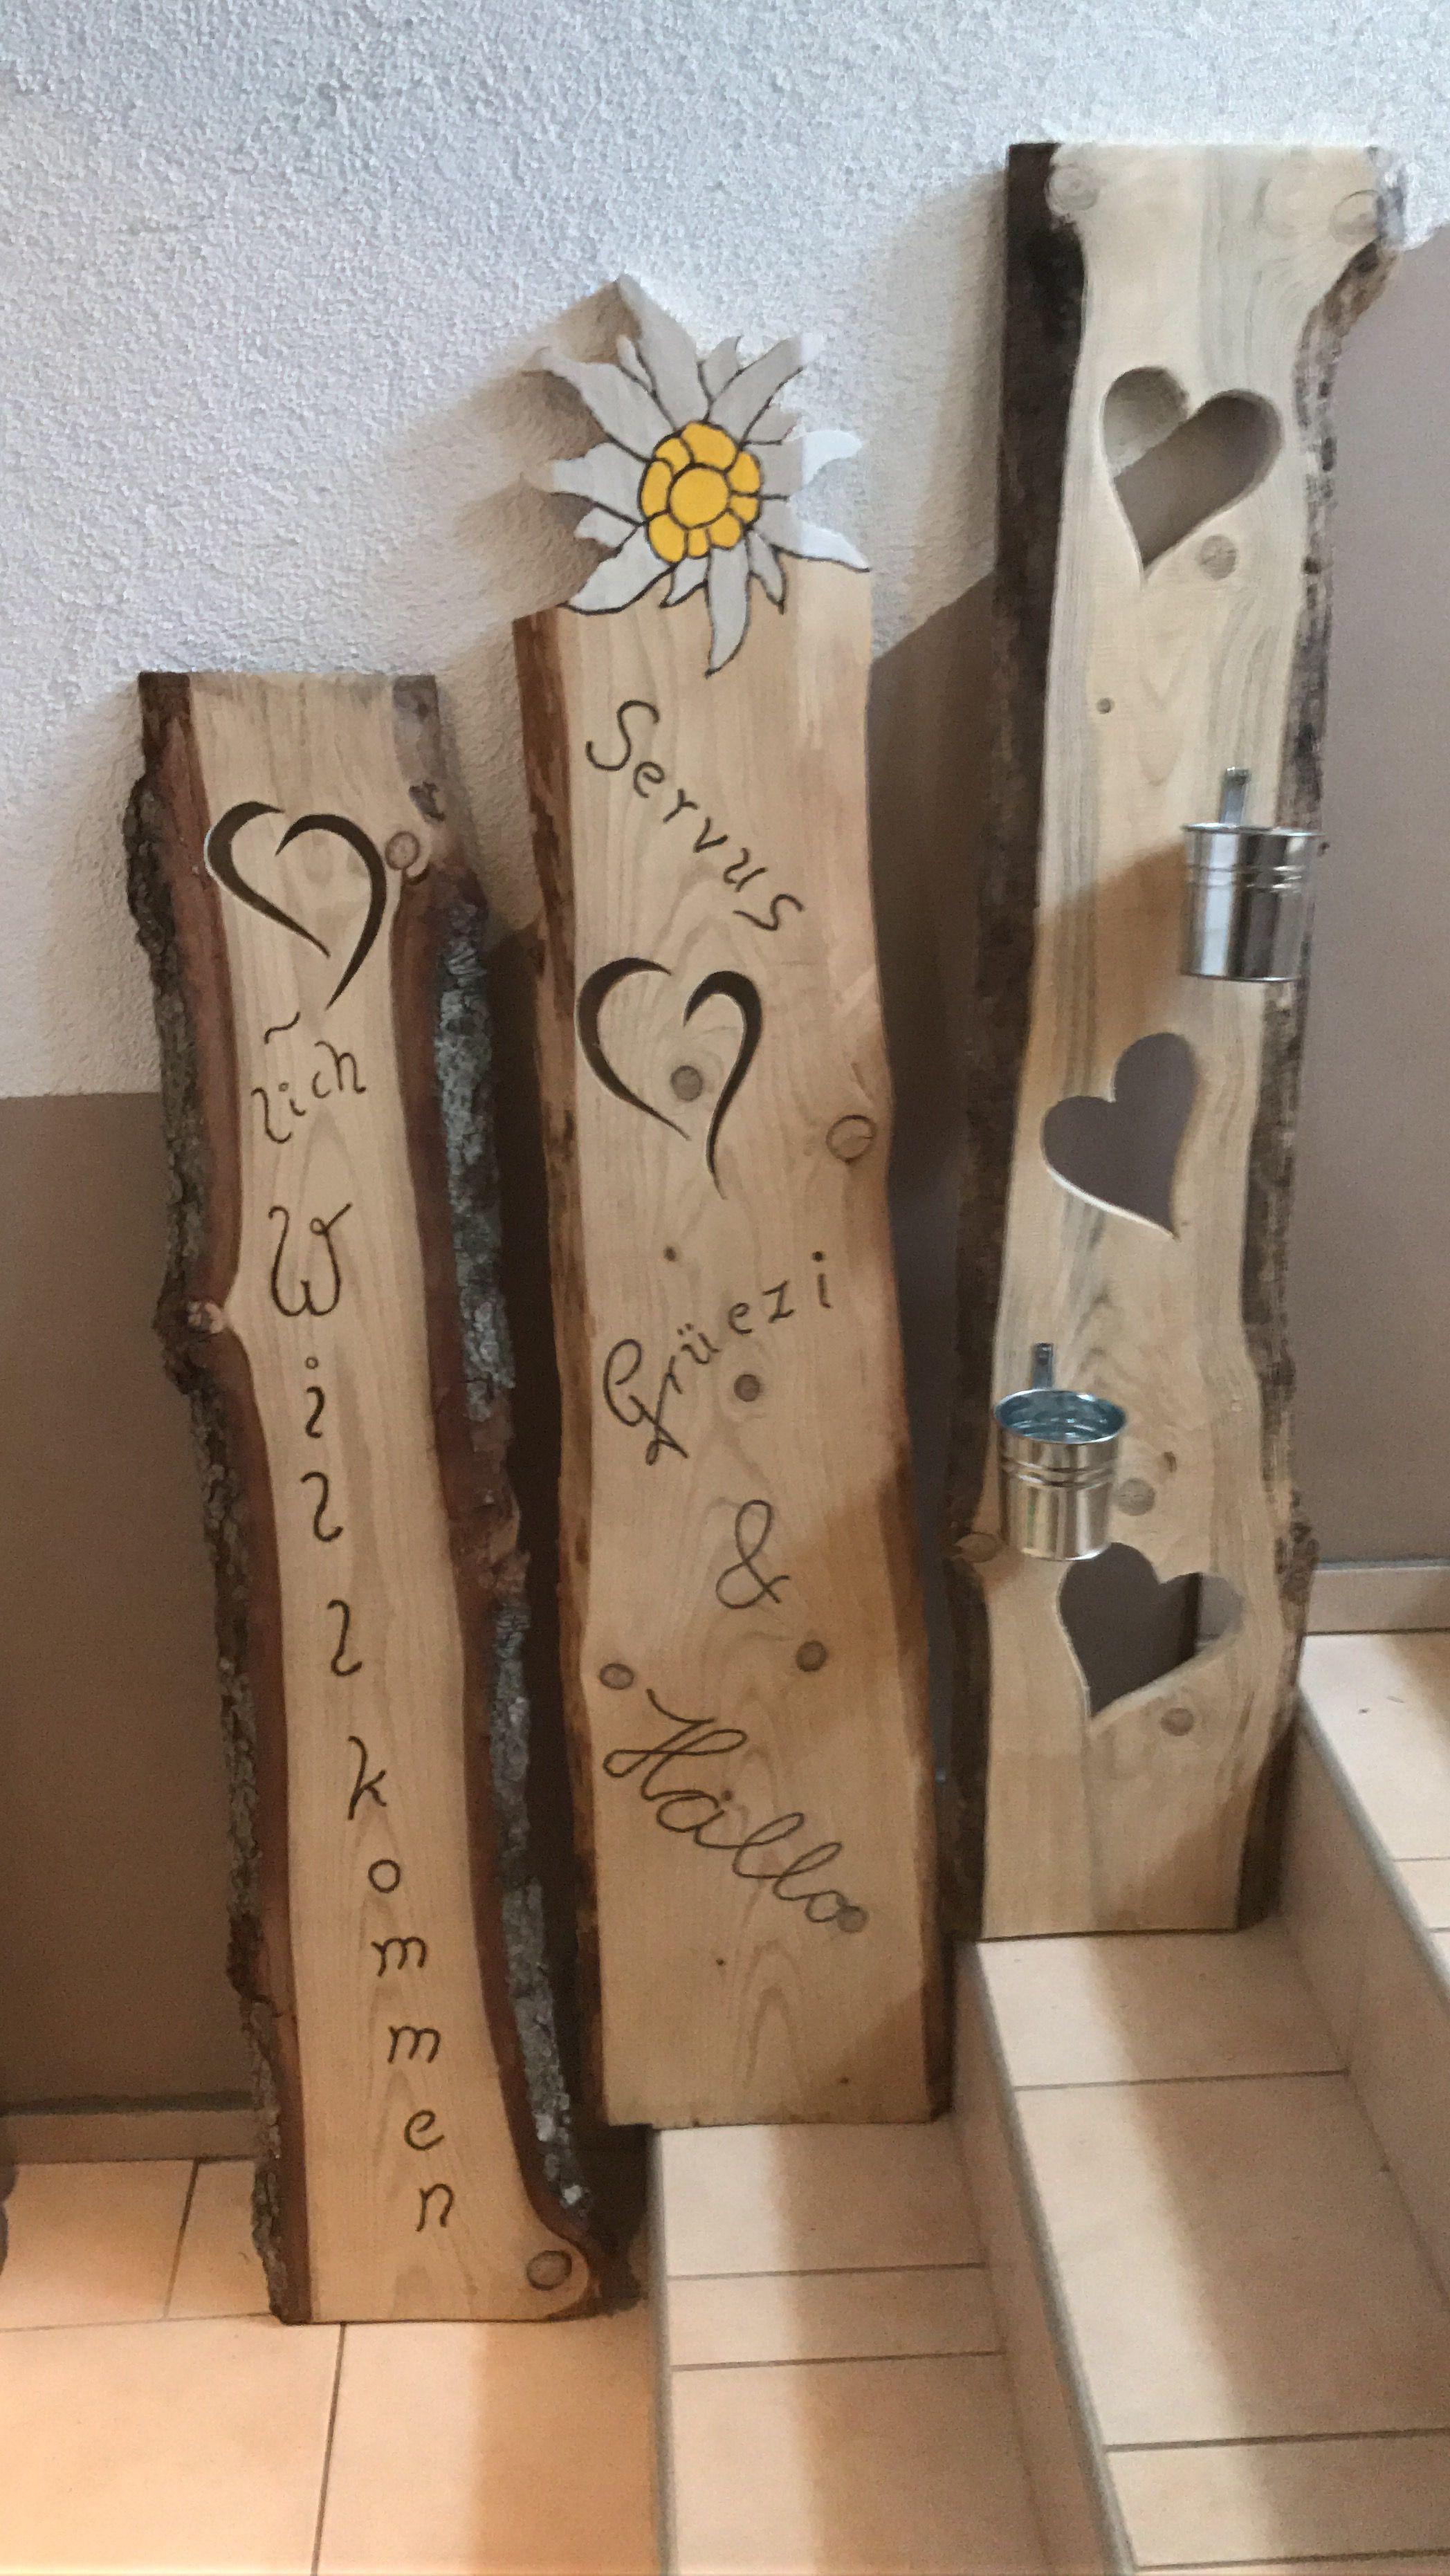 13 Erfolgreiche Holz Deko Weihnachten Grossenverstellbare Design Ideen Beste Ideen 2019 Holzdekoration Holz Deko Selber Machen Selber Machen Garten